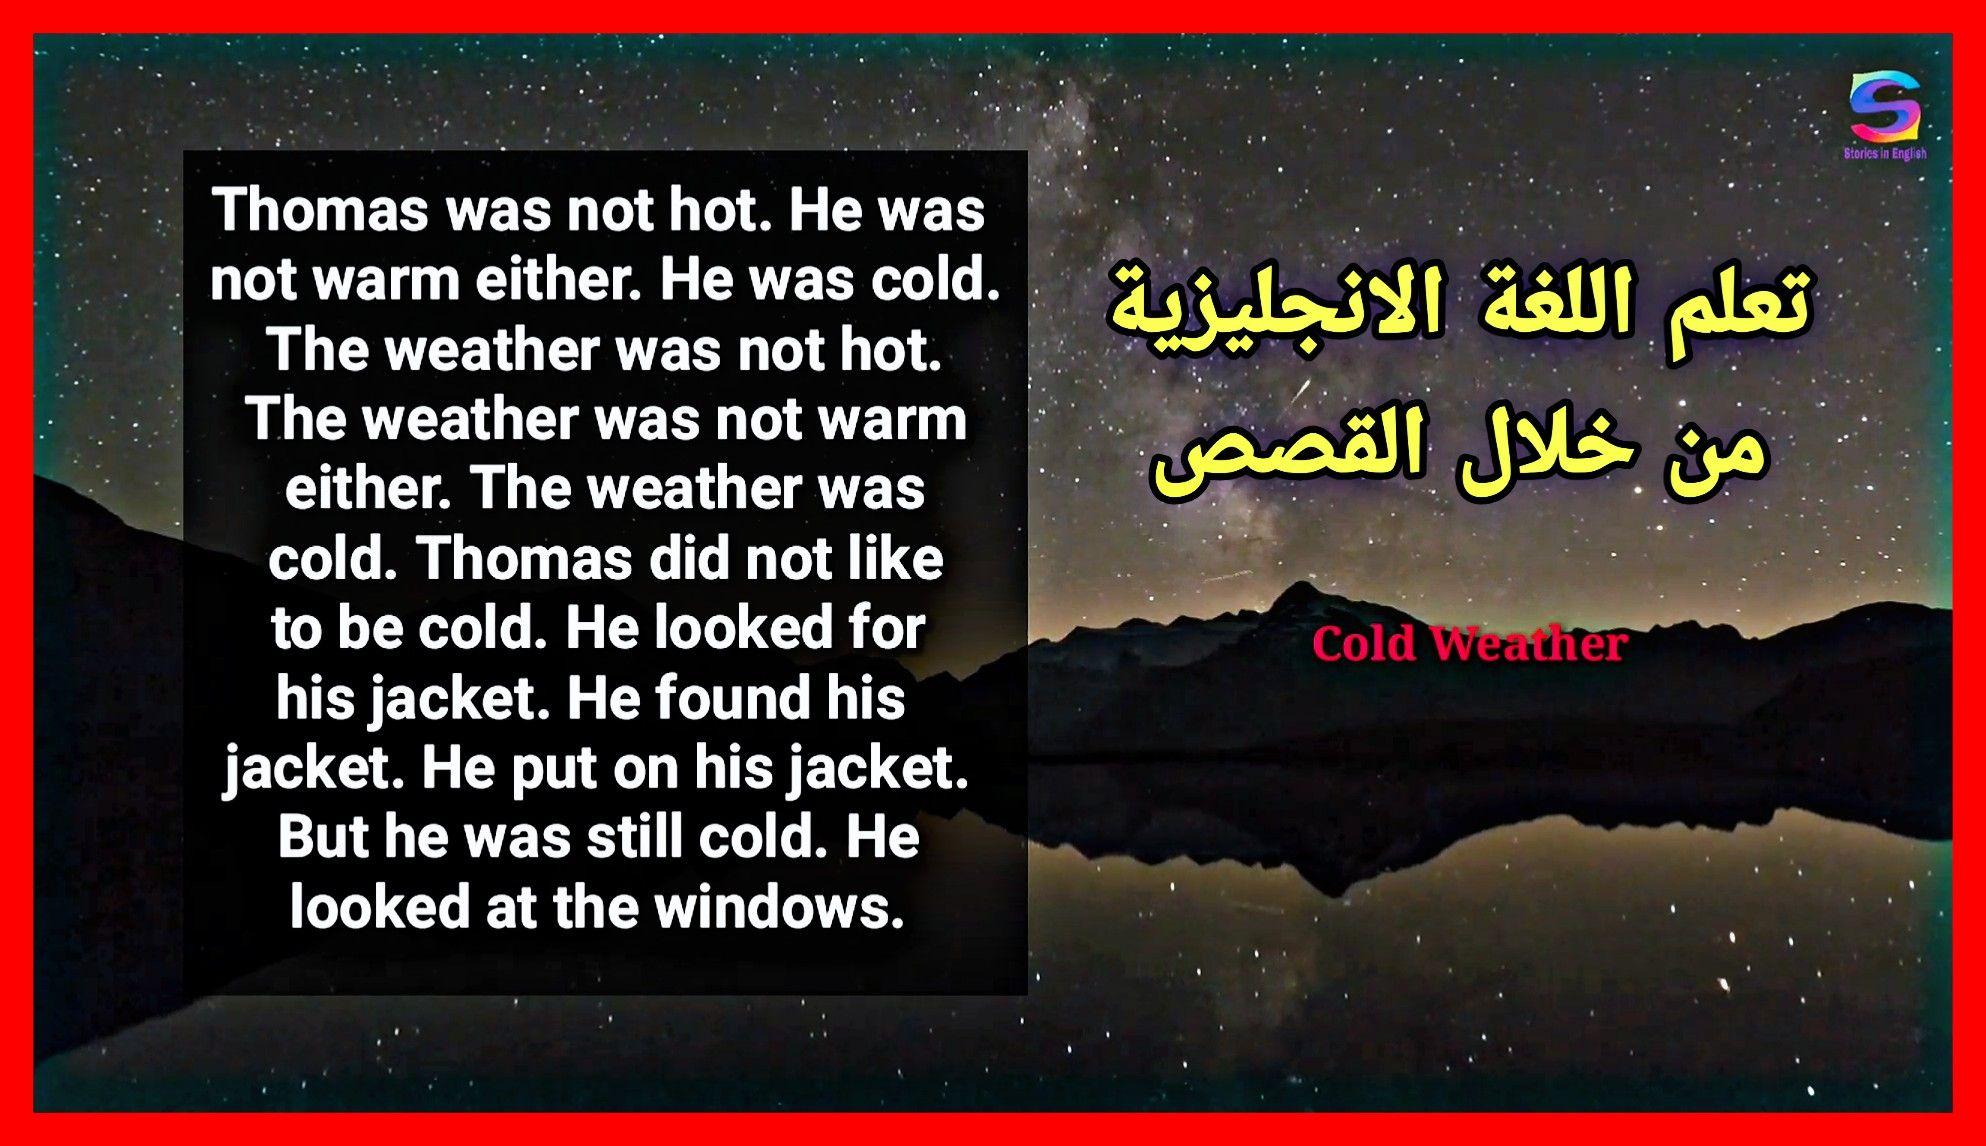 تعلم اللغة الانجليزية من خلال قراءة القصص بطريقة سهلة ومبسطة وفعالة جدا Cold Weather Weather